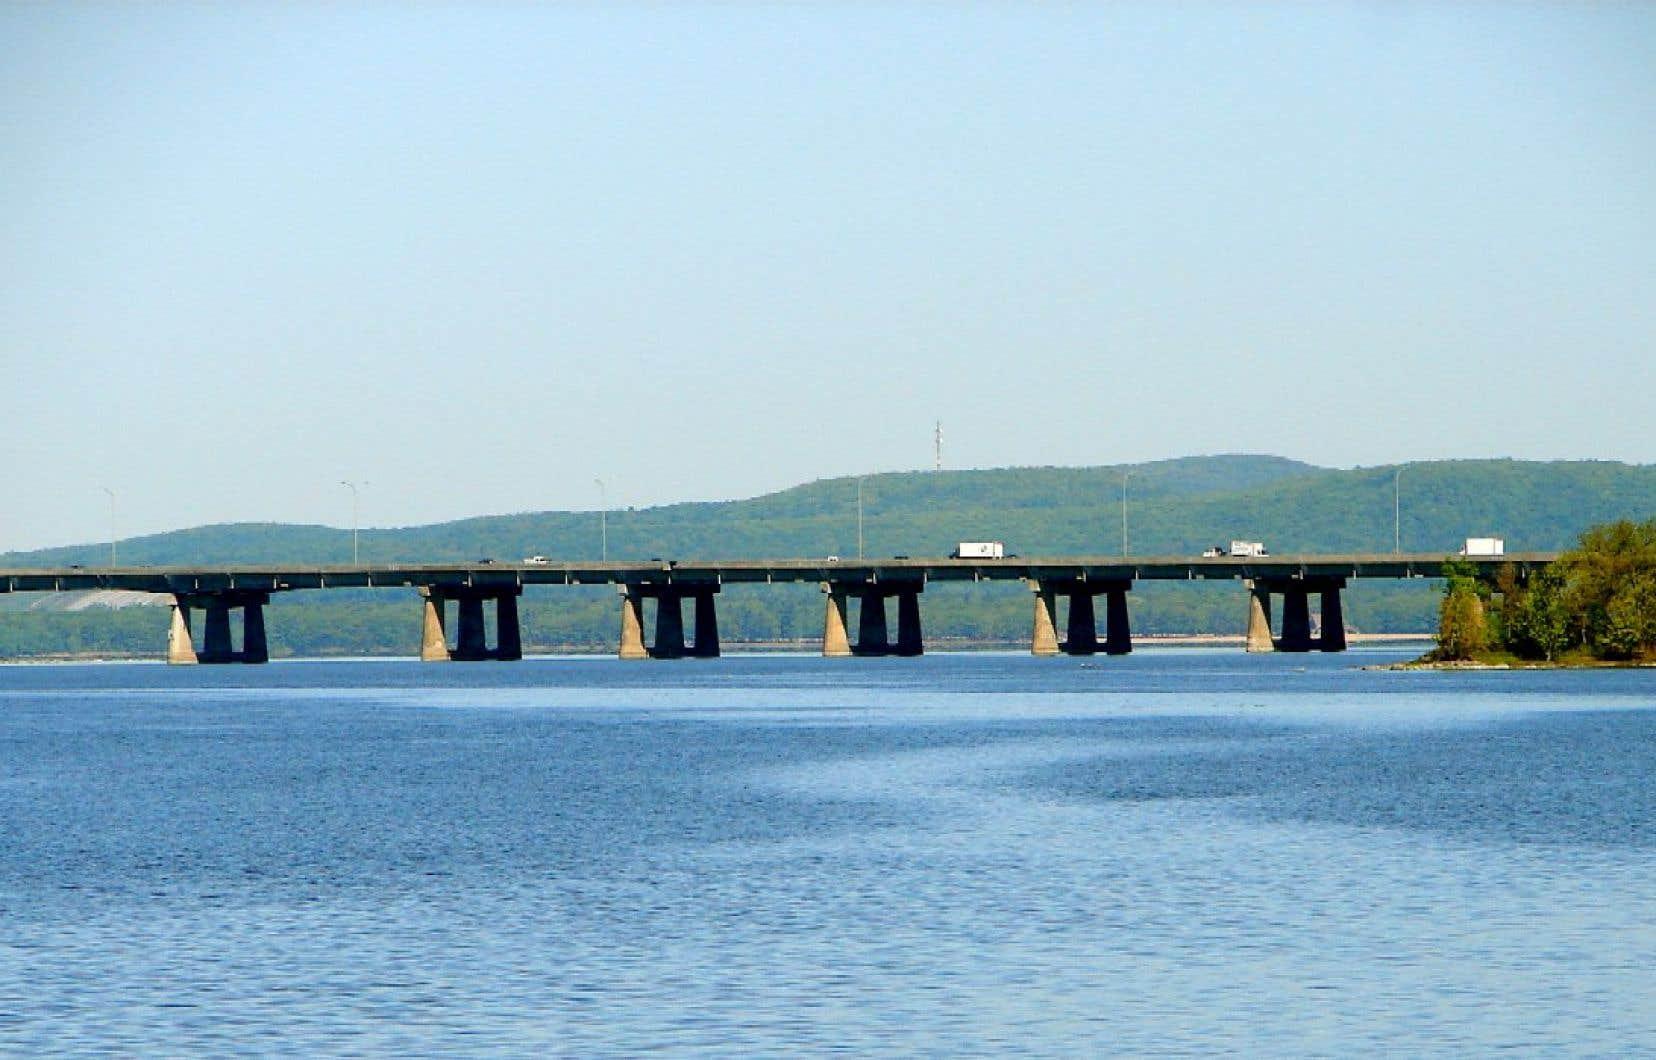 Le pont de l'Île-aux-Tourtes de l'autoroute 40, qui relie Montréal à Vaudreuil-Dorion